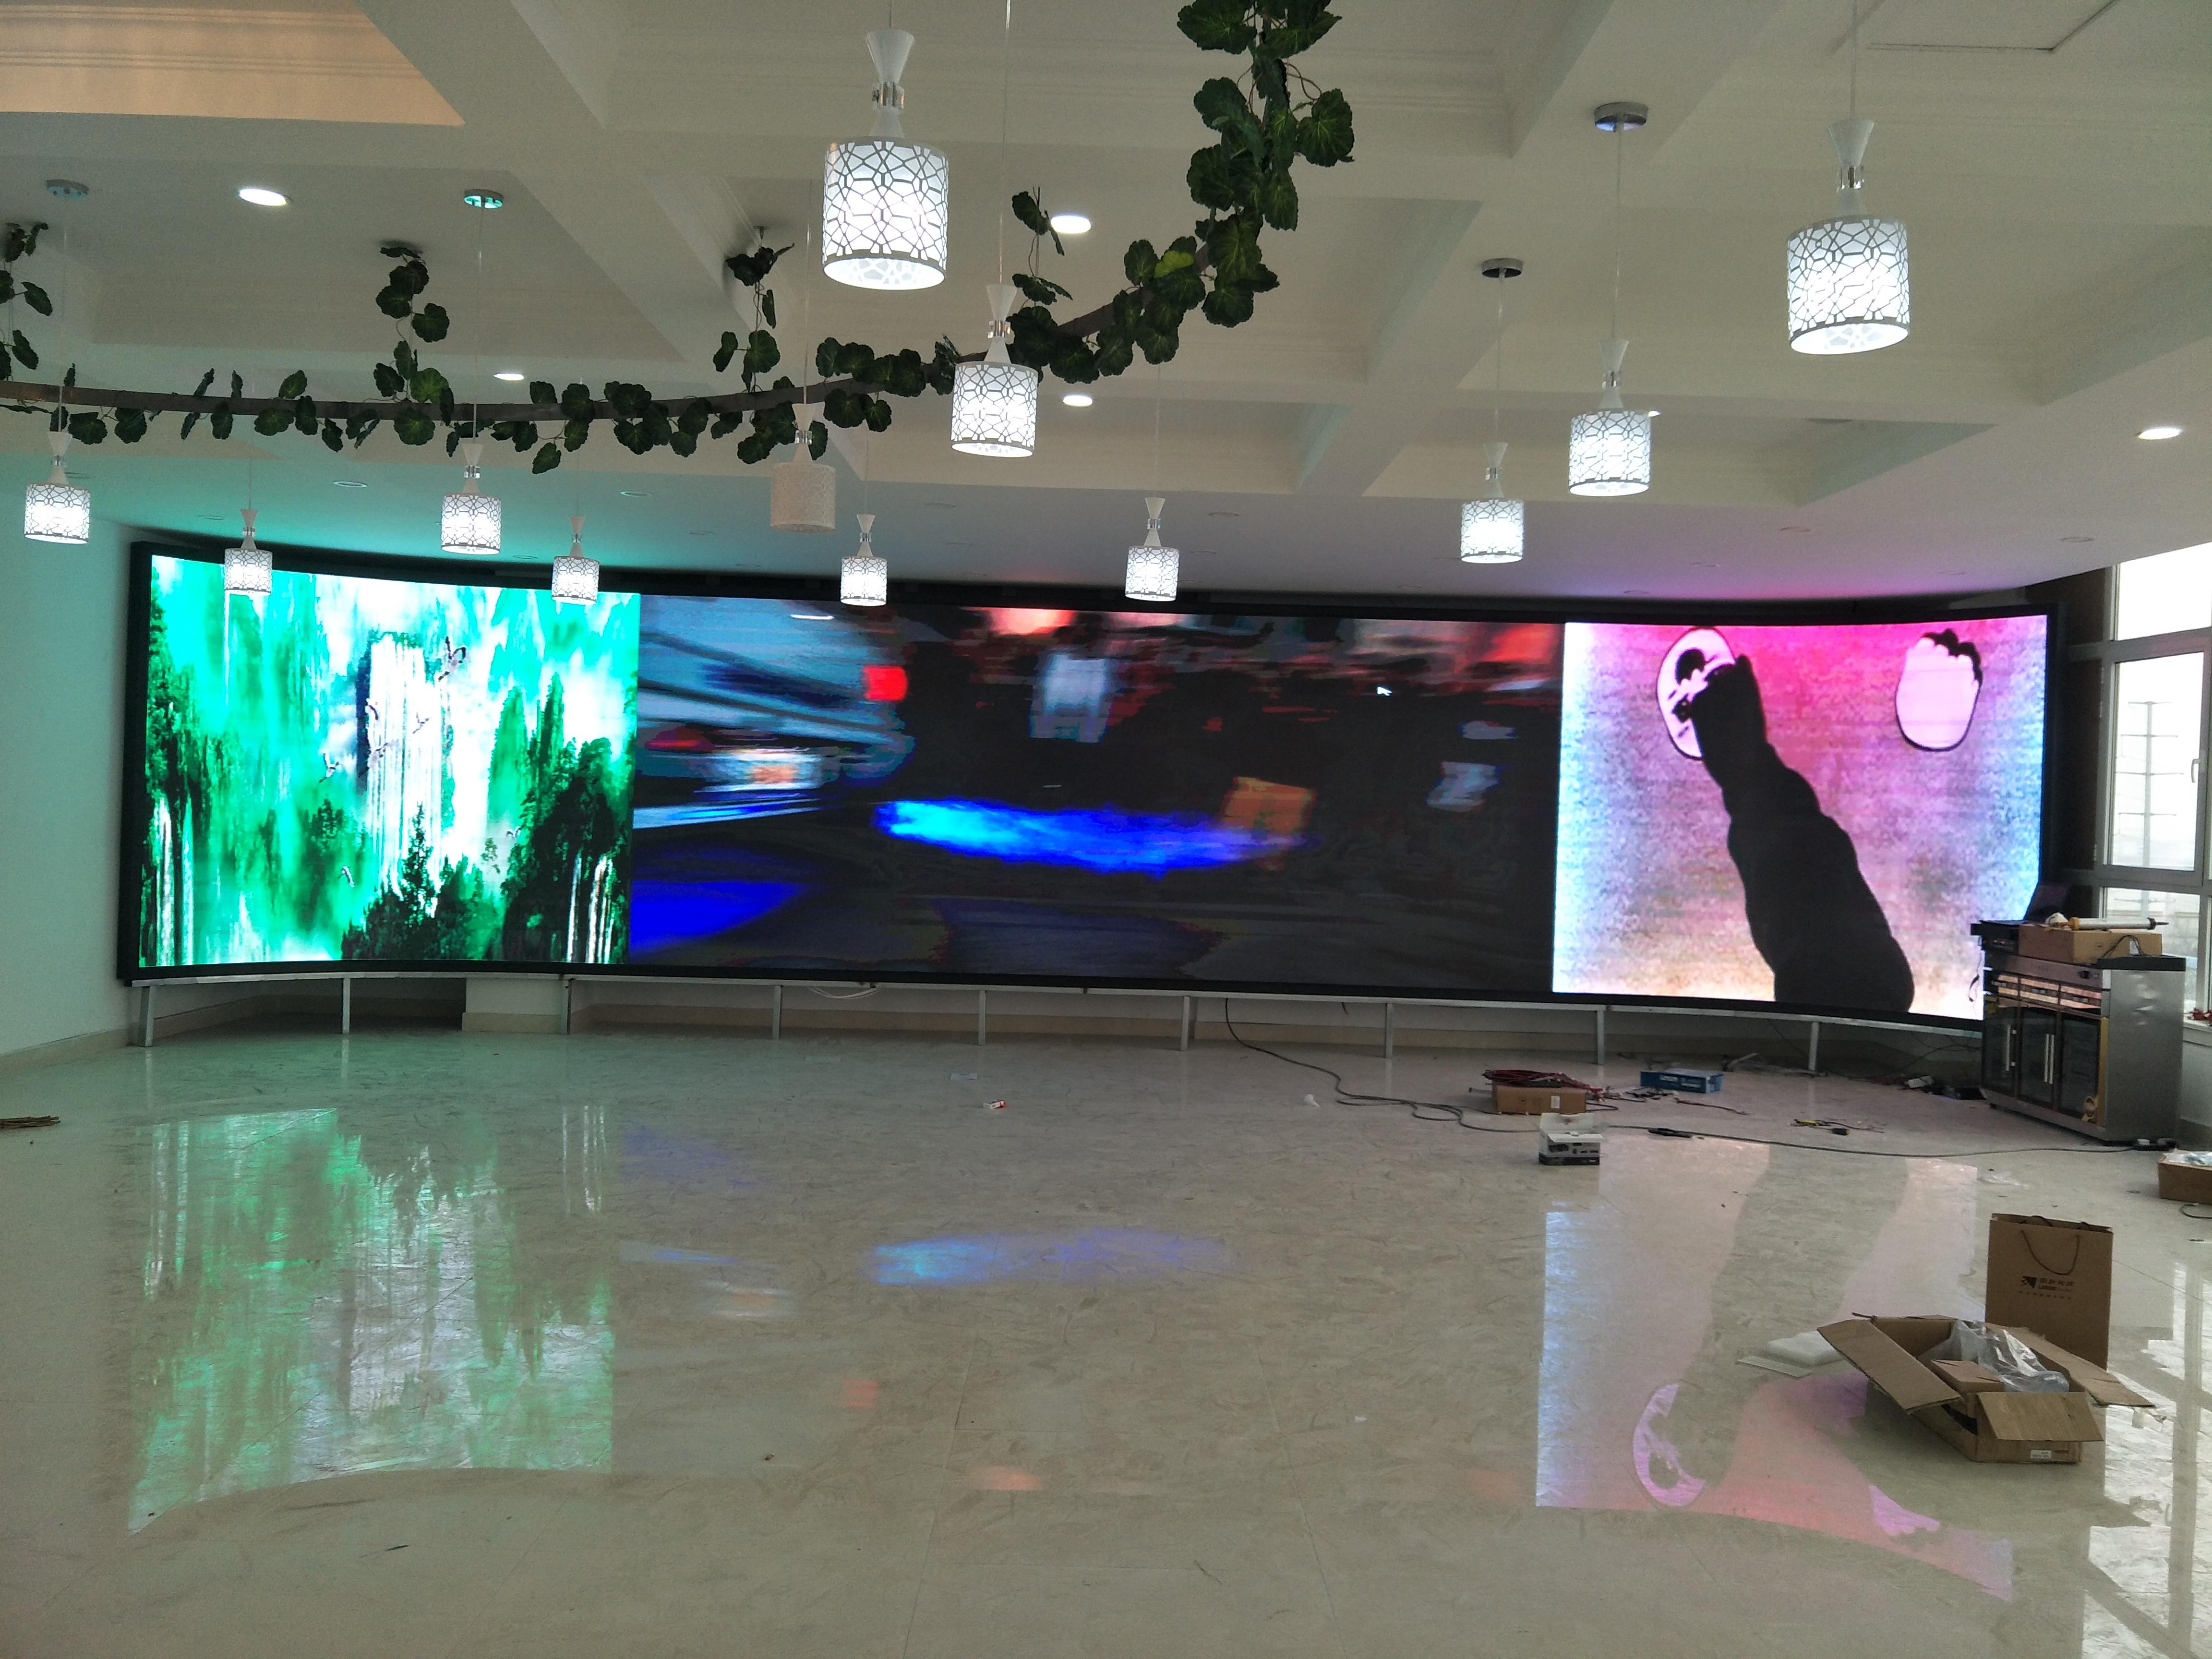 LED室内屏山东LED展厅舞台屏厂家LED室内可移动全彩显示屏 LED显示屏展厅LED屏宣传屏